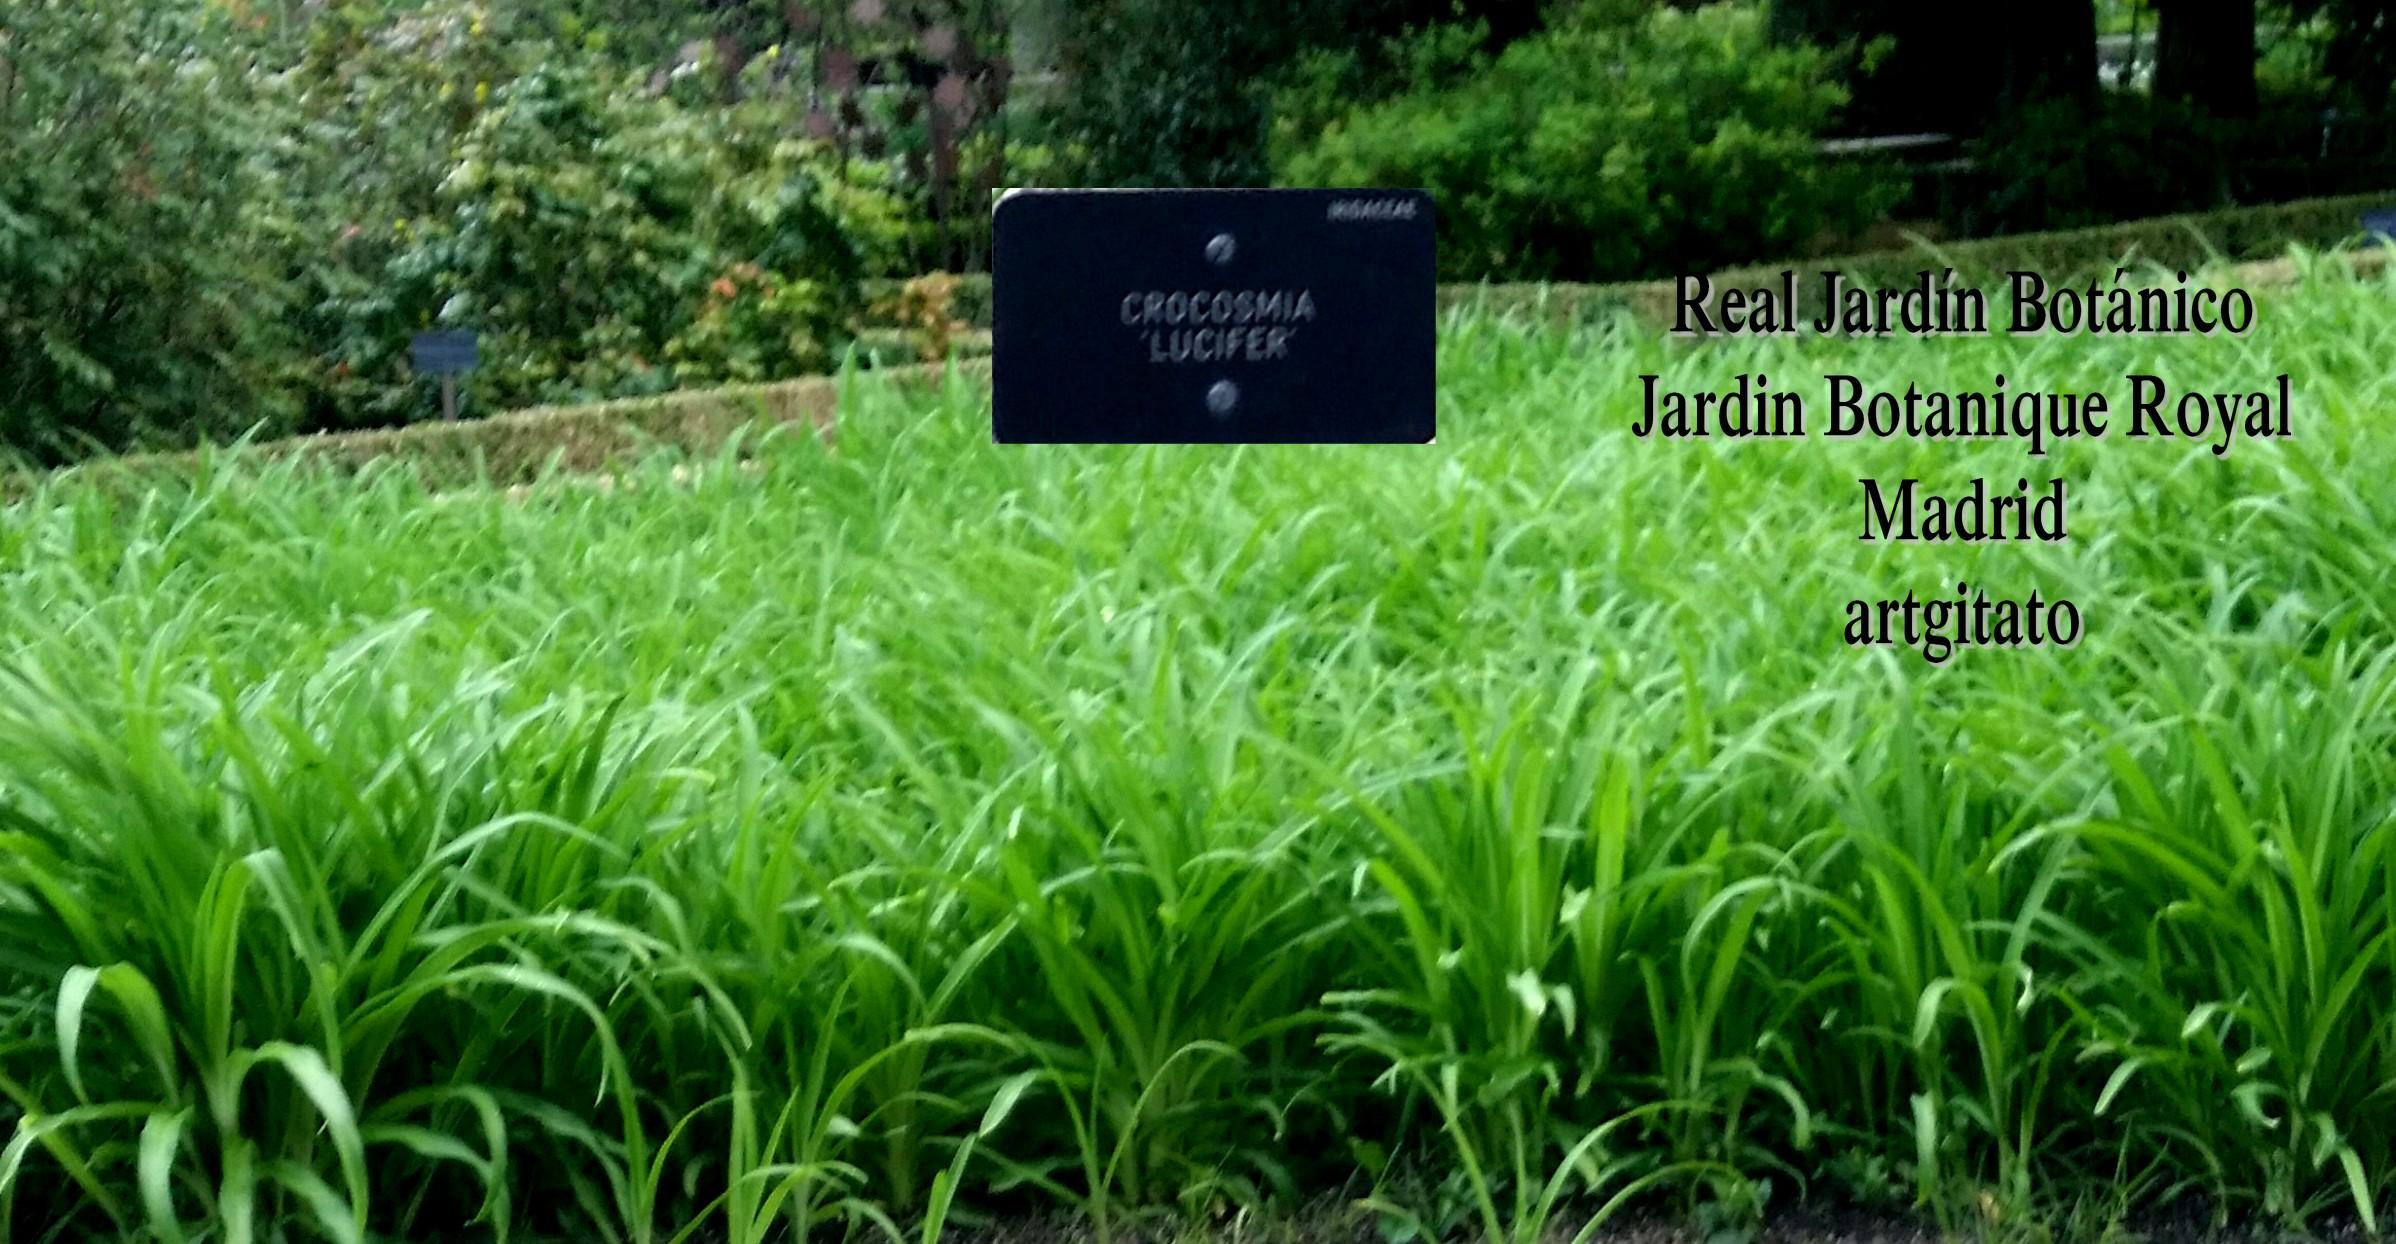 Real jard n bot nico de madrid 1781 le jardin botanique for Jardin royal